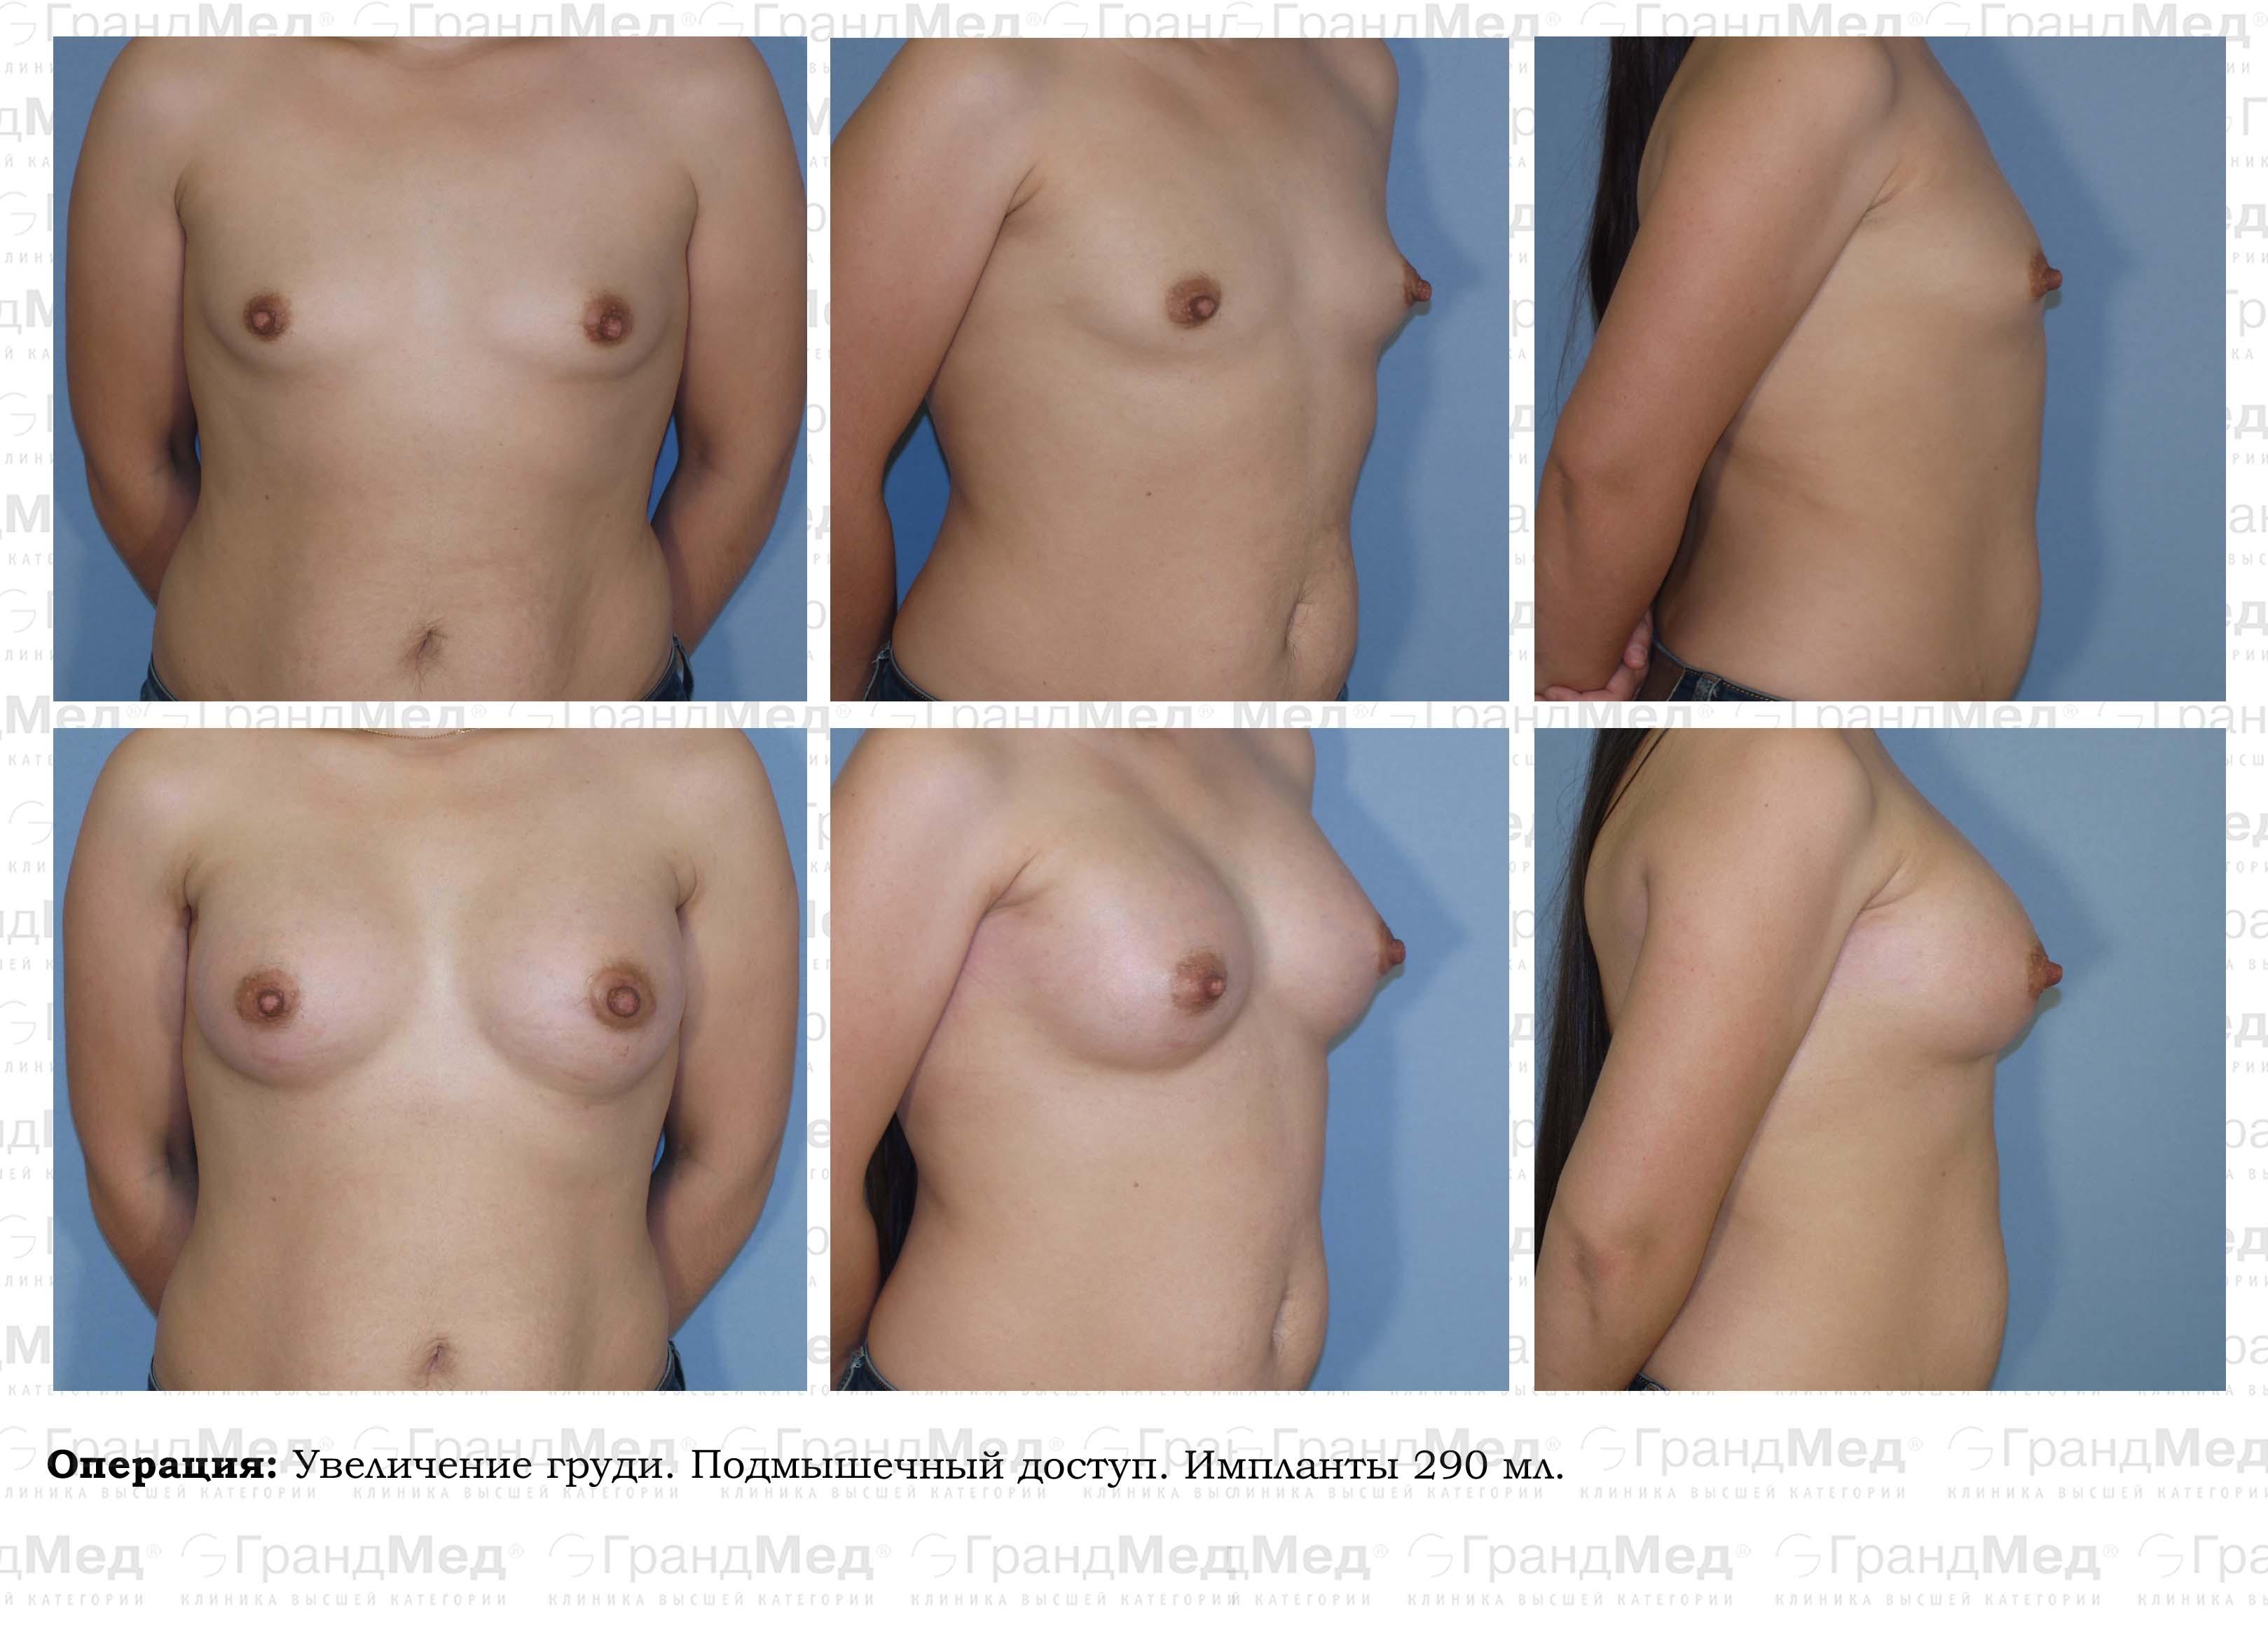 Увеличение груди в ГрандМед